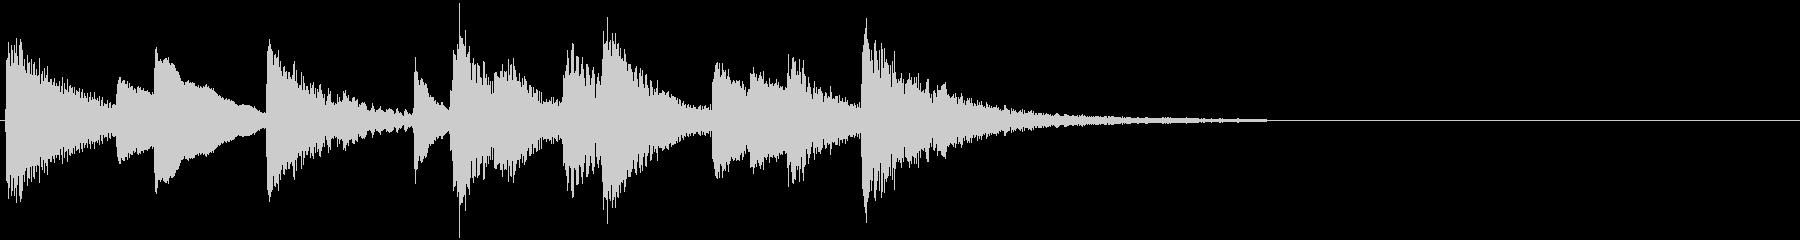 大人っぽい艶やかなピアノBGMの未再生の波形